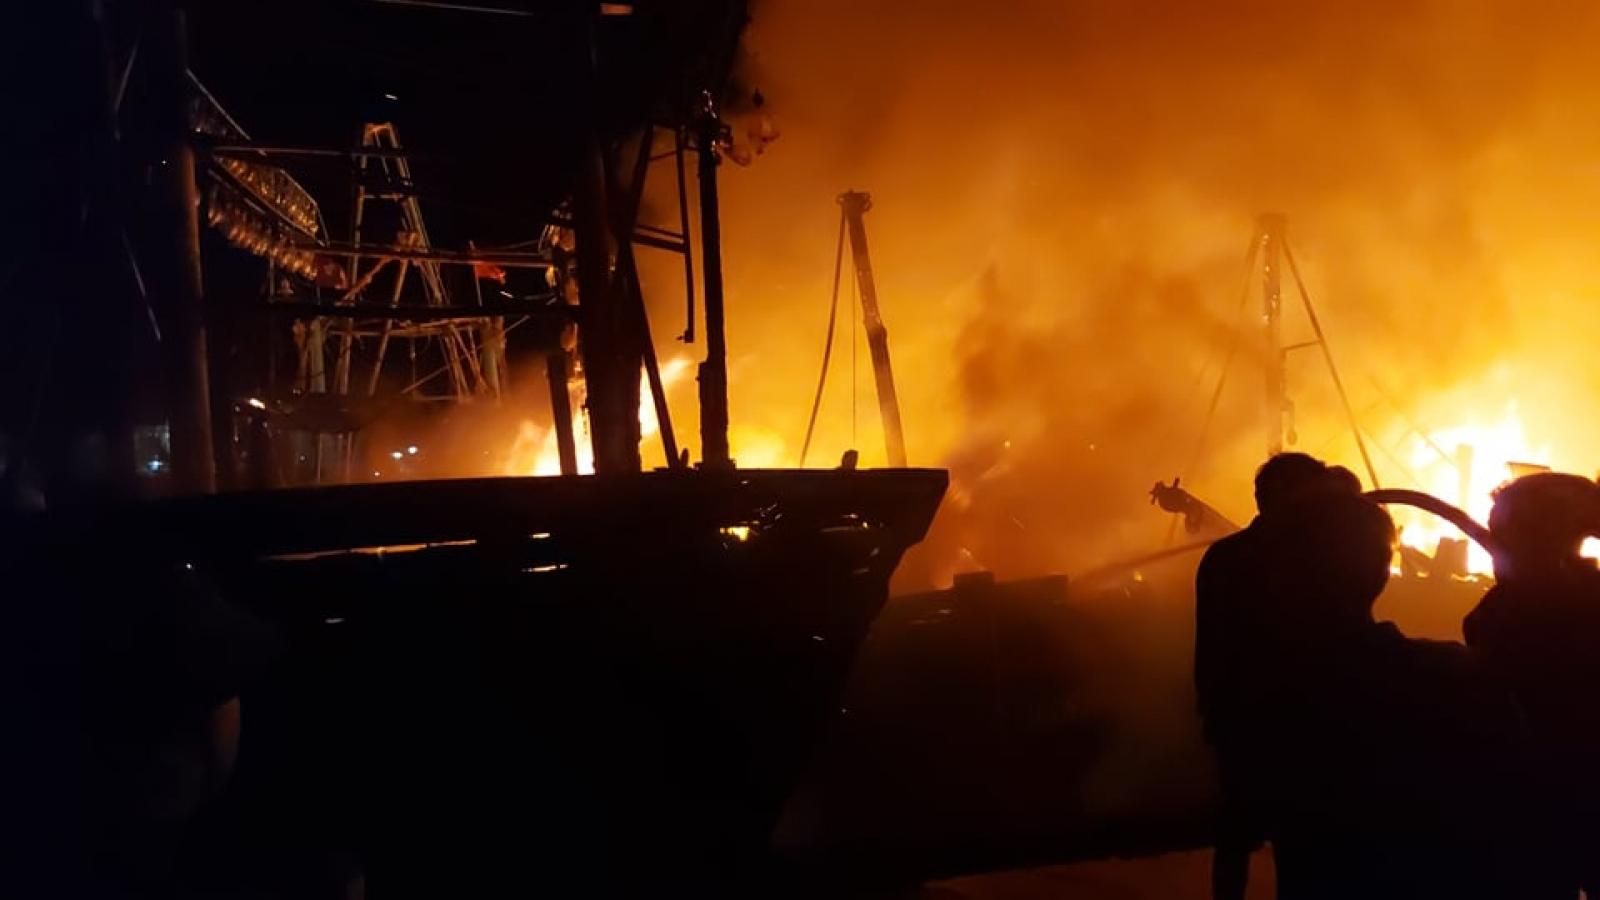 Xác định nguyên nhân vụ hỏa hoạn kinh hoàng thiêu rụi 4 tàu cá ở Nghệ An